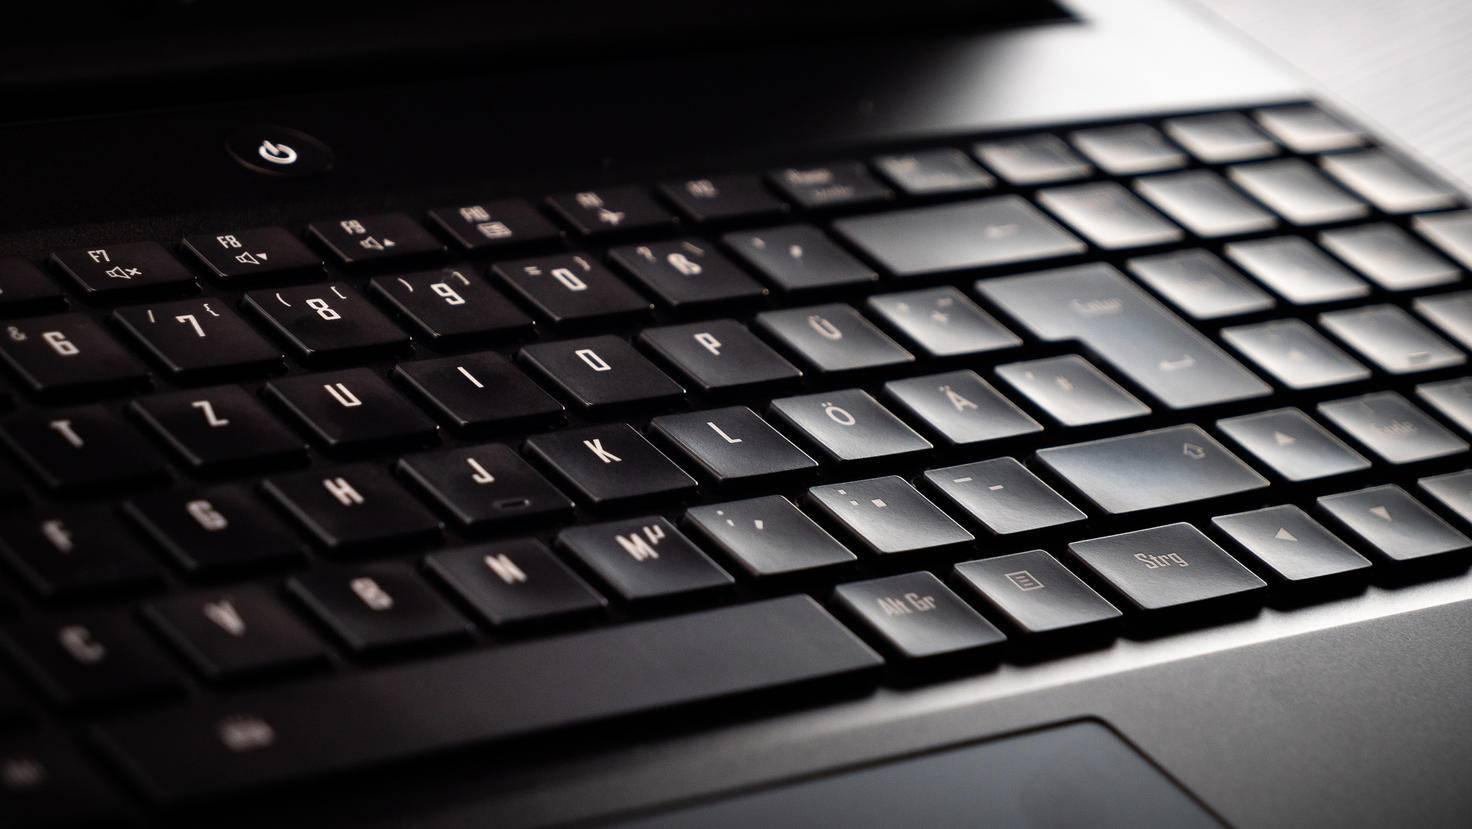 Die Chiclet-Tastatur hat eine angenehme Haptik.